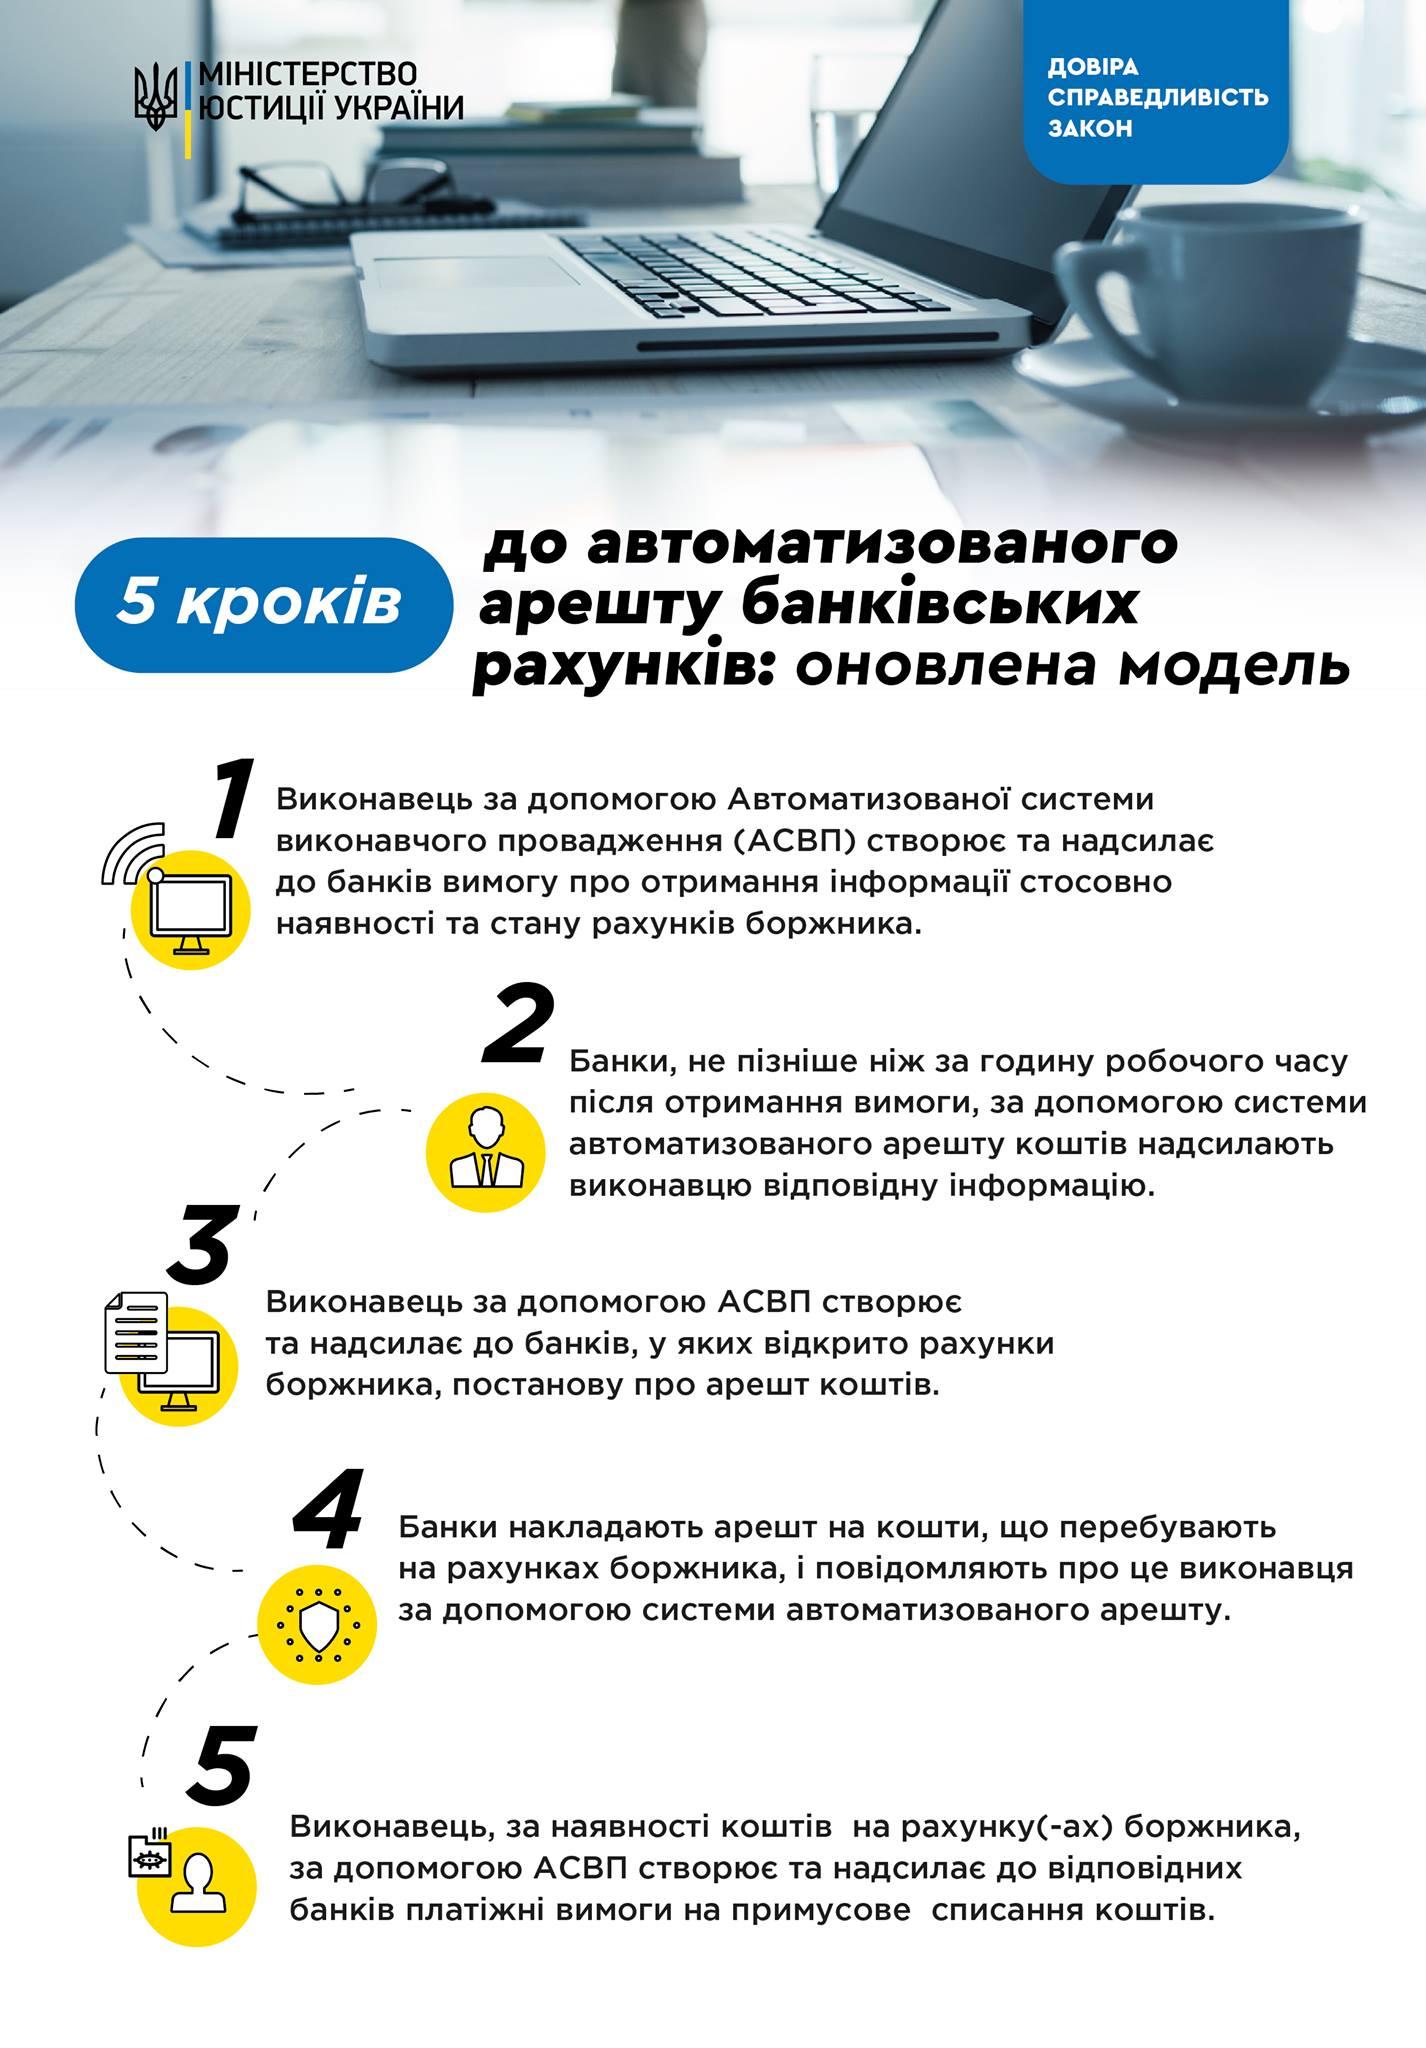 Арест средств на банковских счетах должников: что изменится для самих граждан (инфографика)